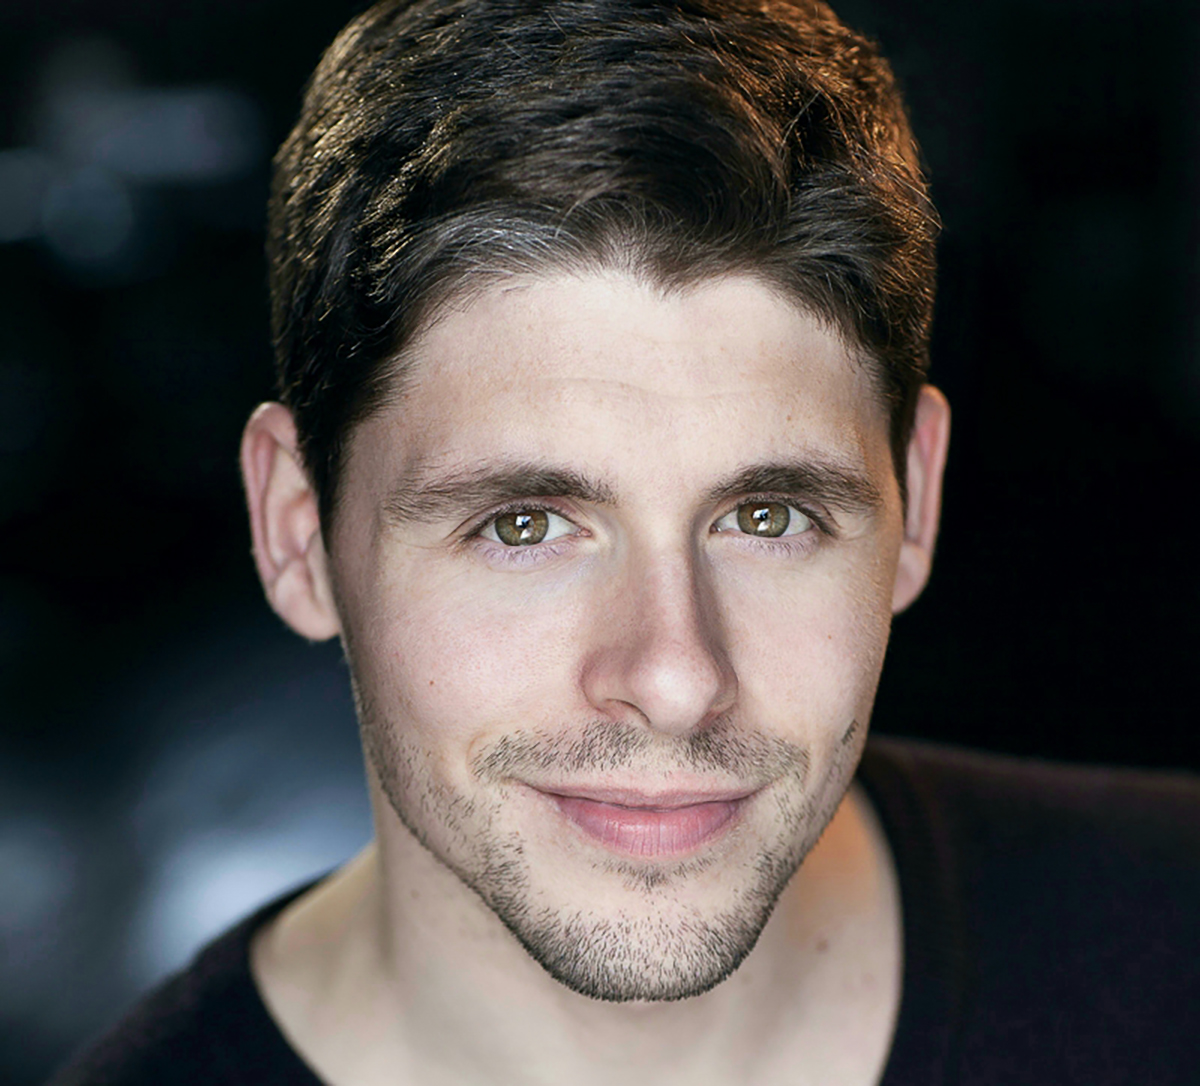 Darren O'Connor HEADSHOT (B)